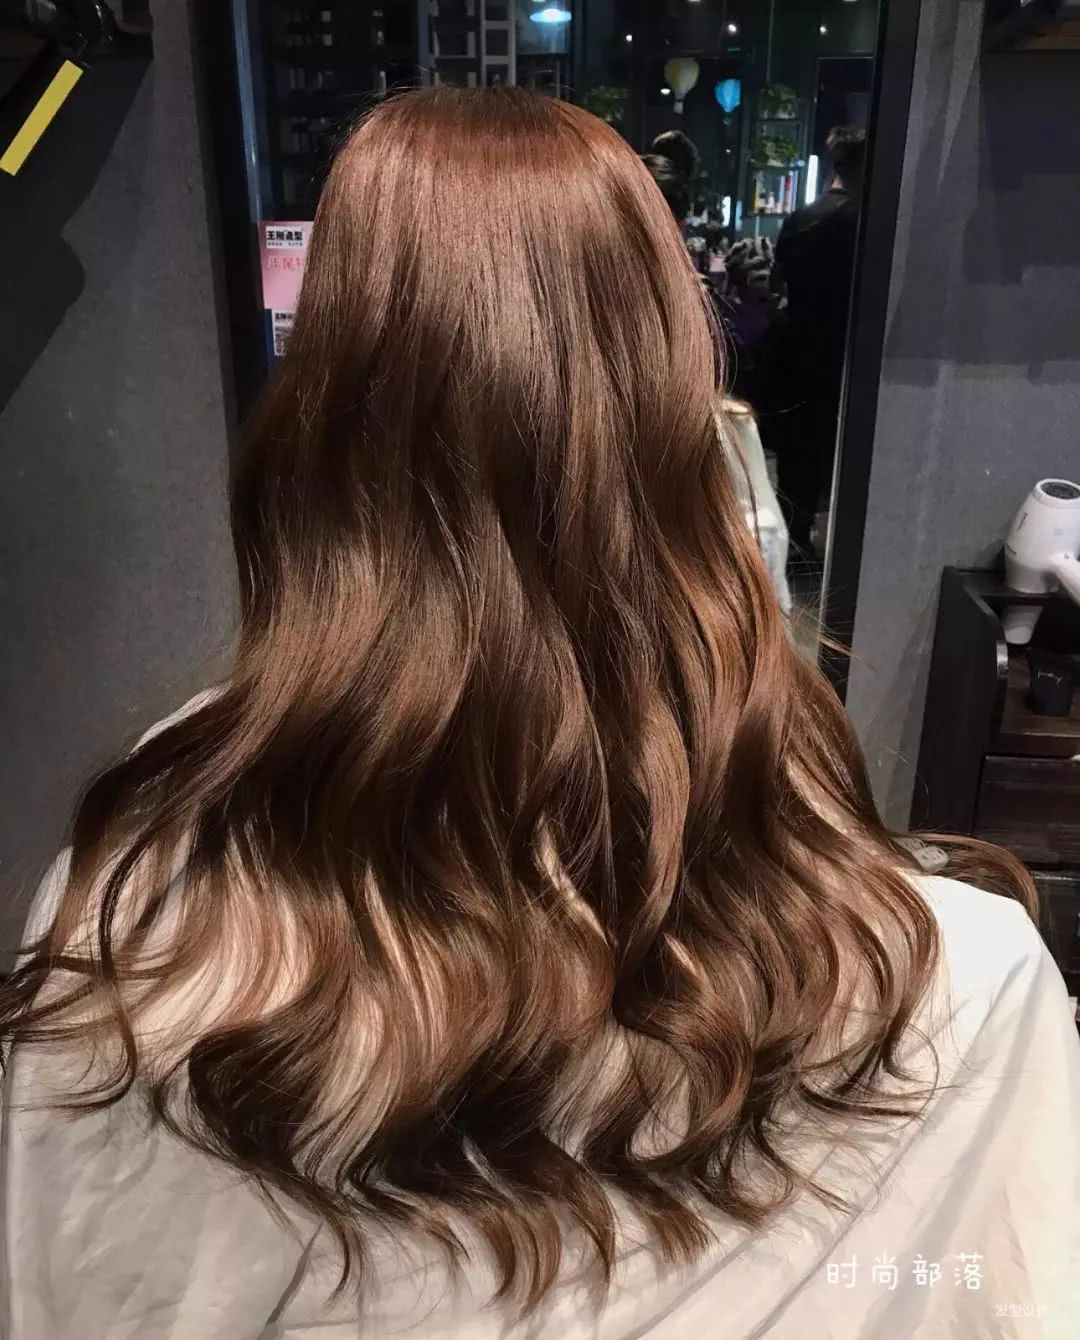 2018年春天,流行这30款时尚发型